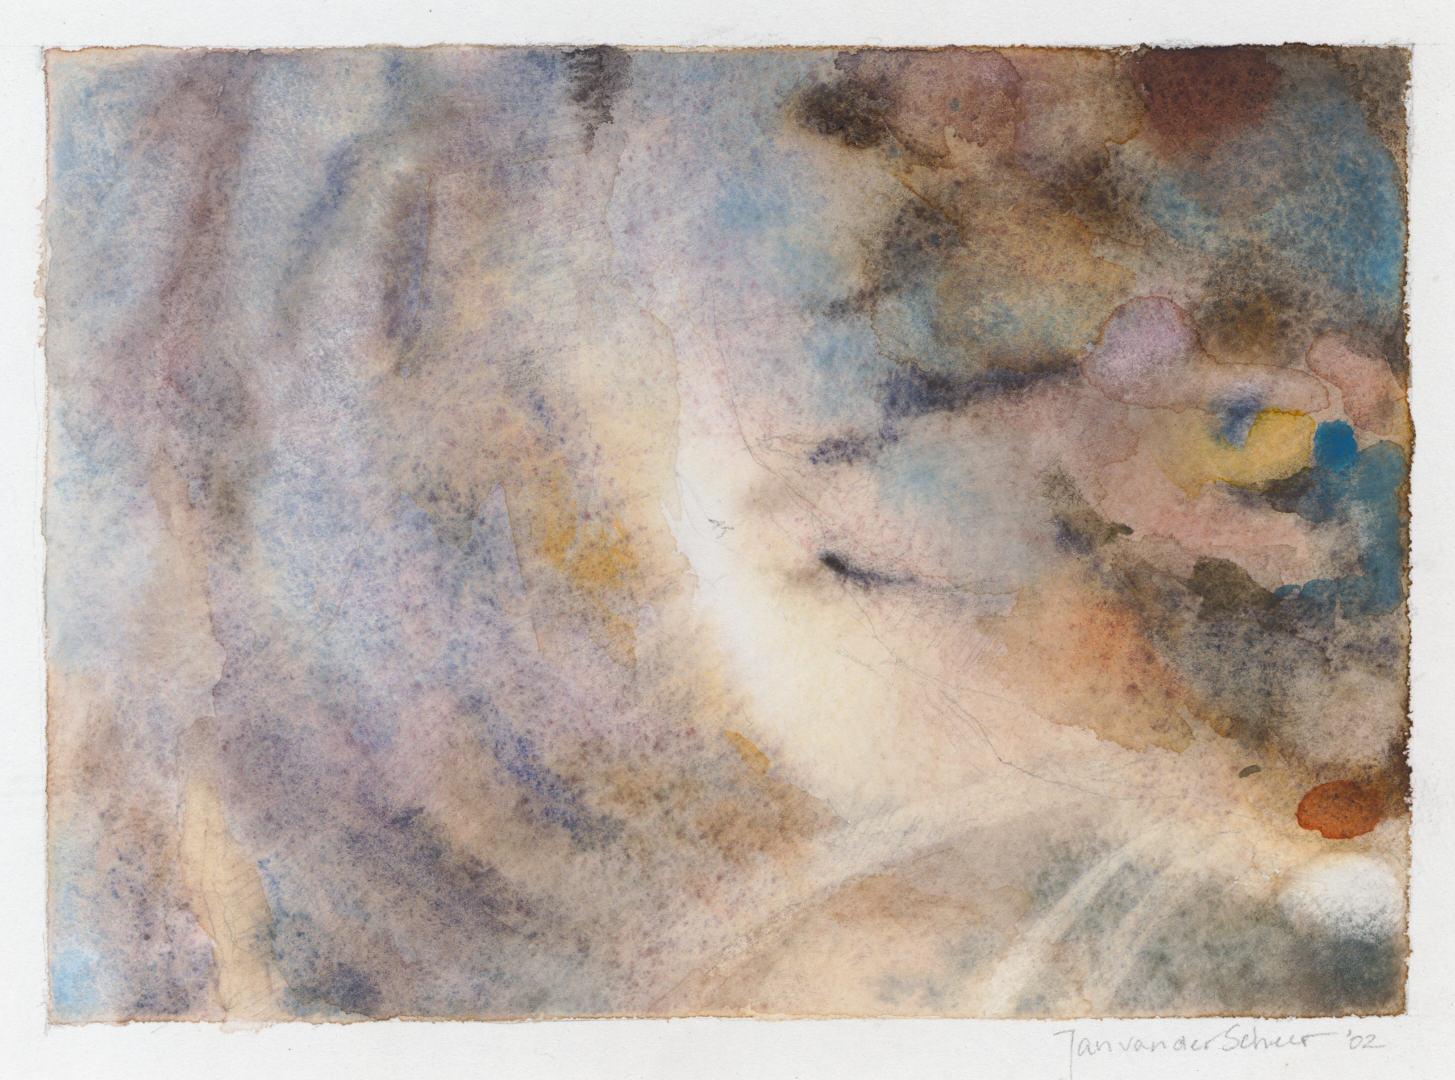 2002 Grover I (13 X 18 cm) 3456w